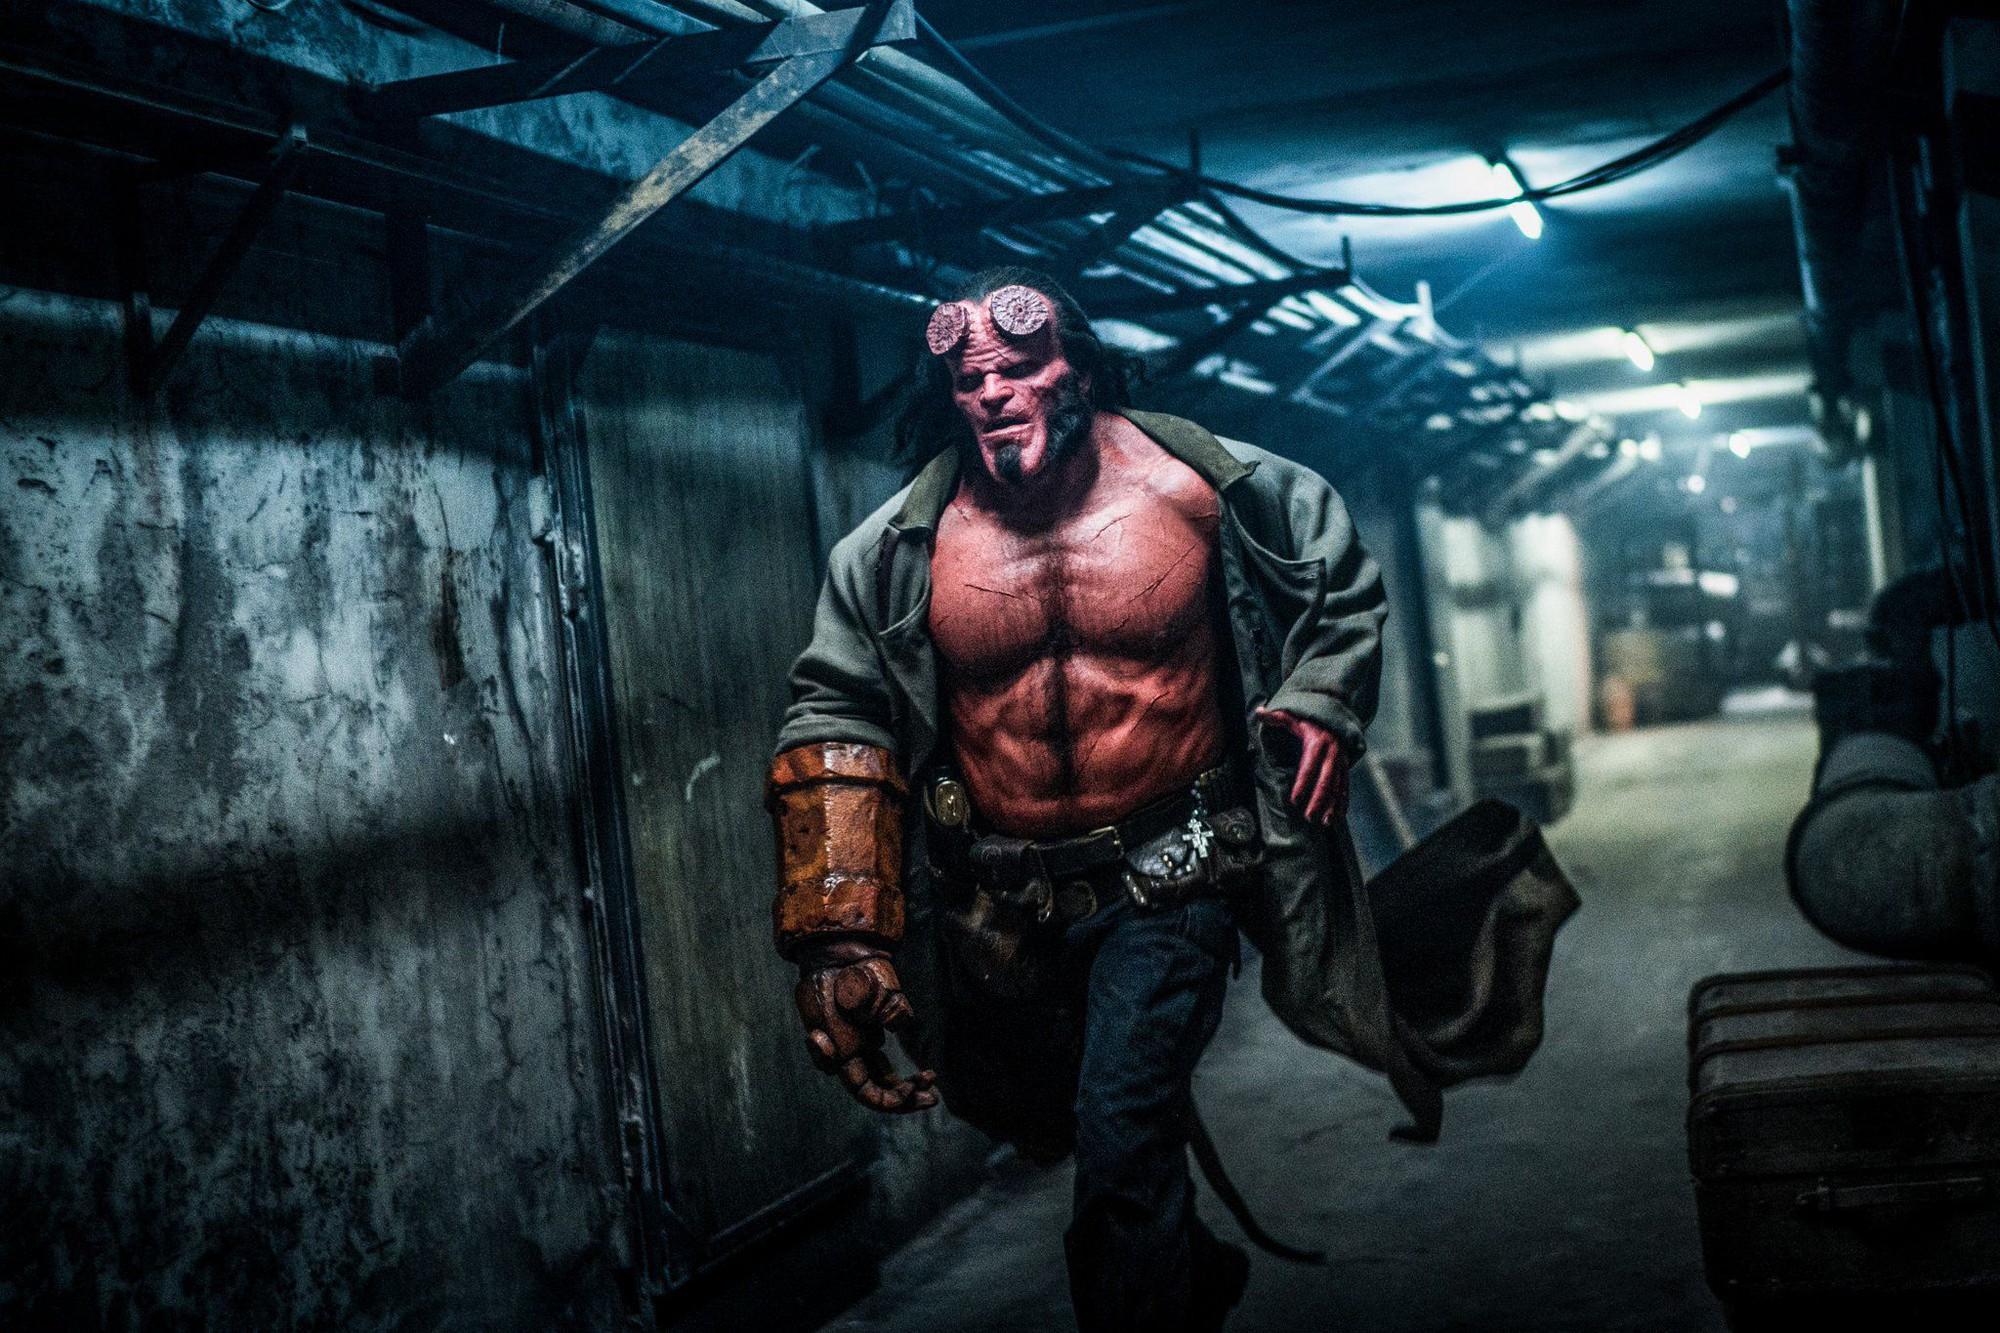 Bấm vào đây ngay, nắm thóp tất tần tật về chàng quỷ đỏ Hellboy trong 3 nốt nhạc trước khi ra rạp! - Ảnh 3.